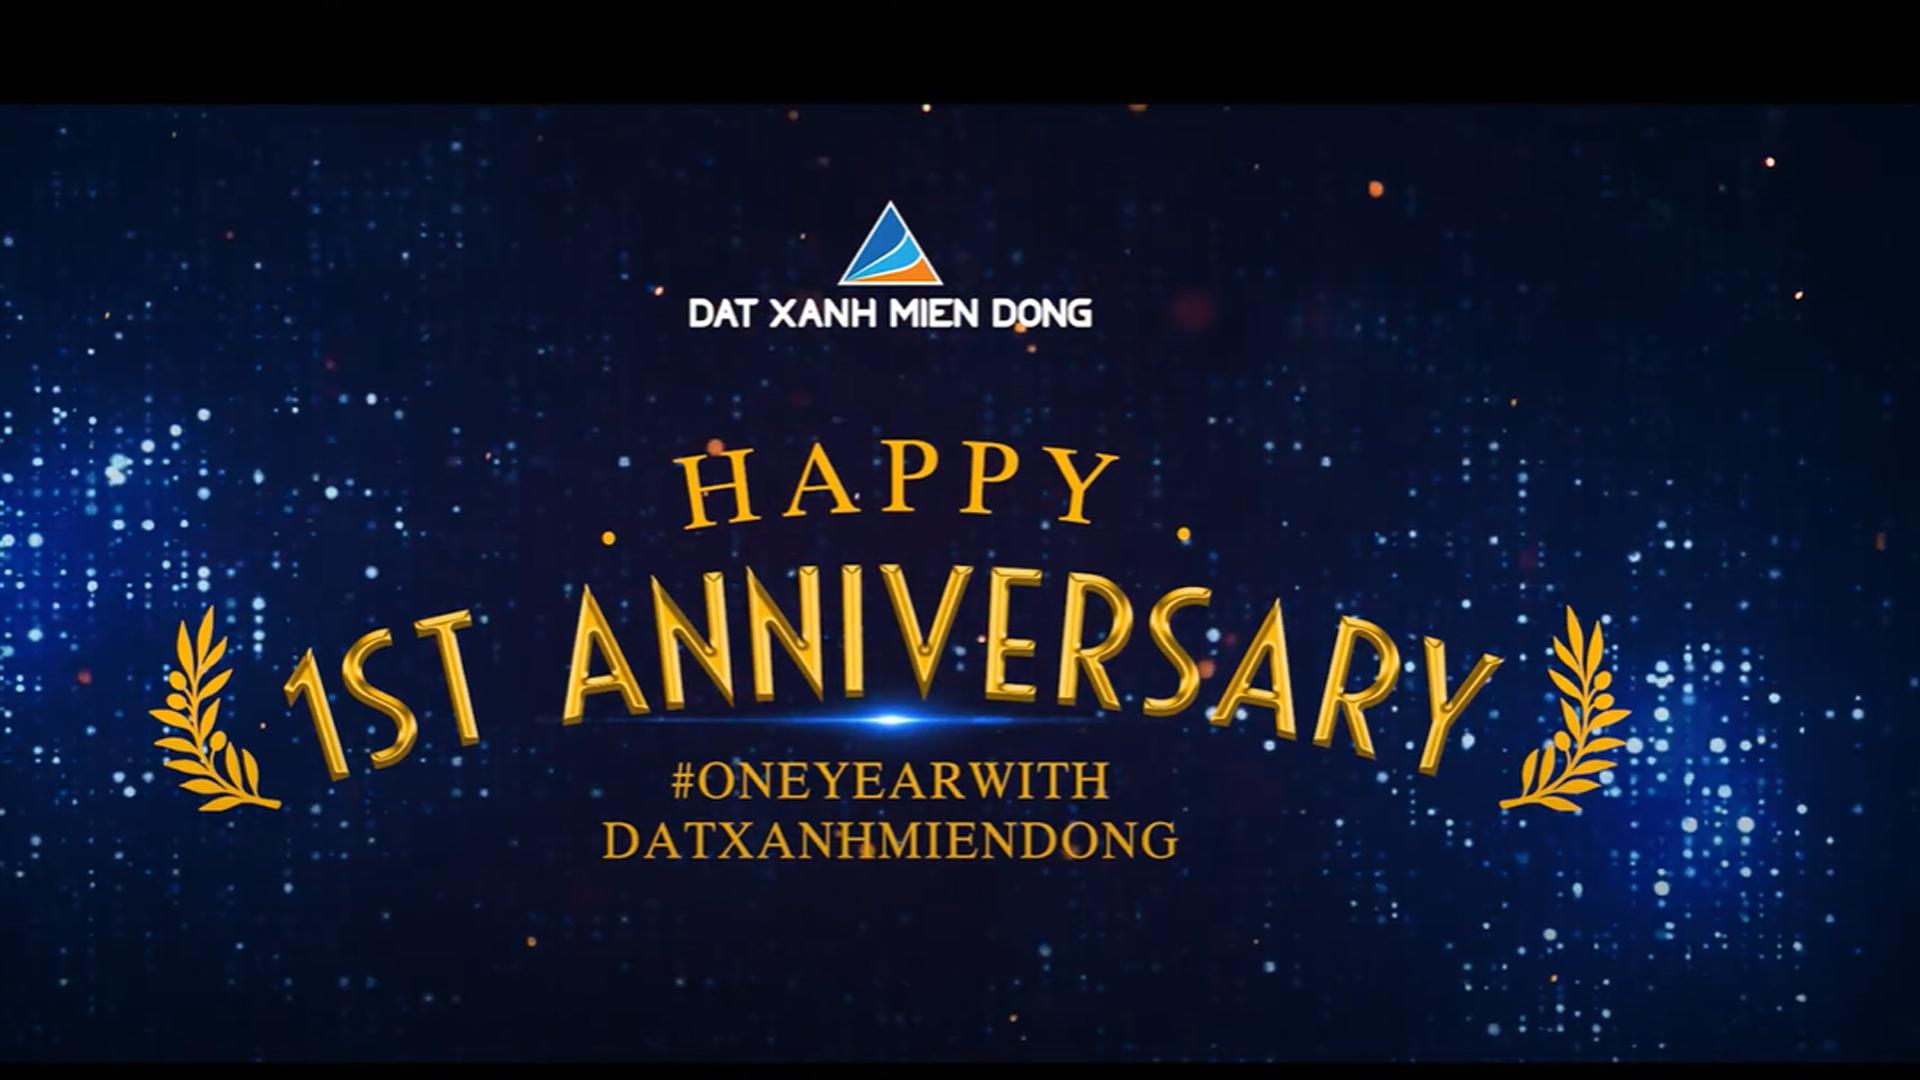 Kỷ niệm 1 năm thành lập Công ty Đất Xanh Miền Đông